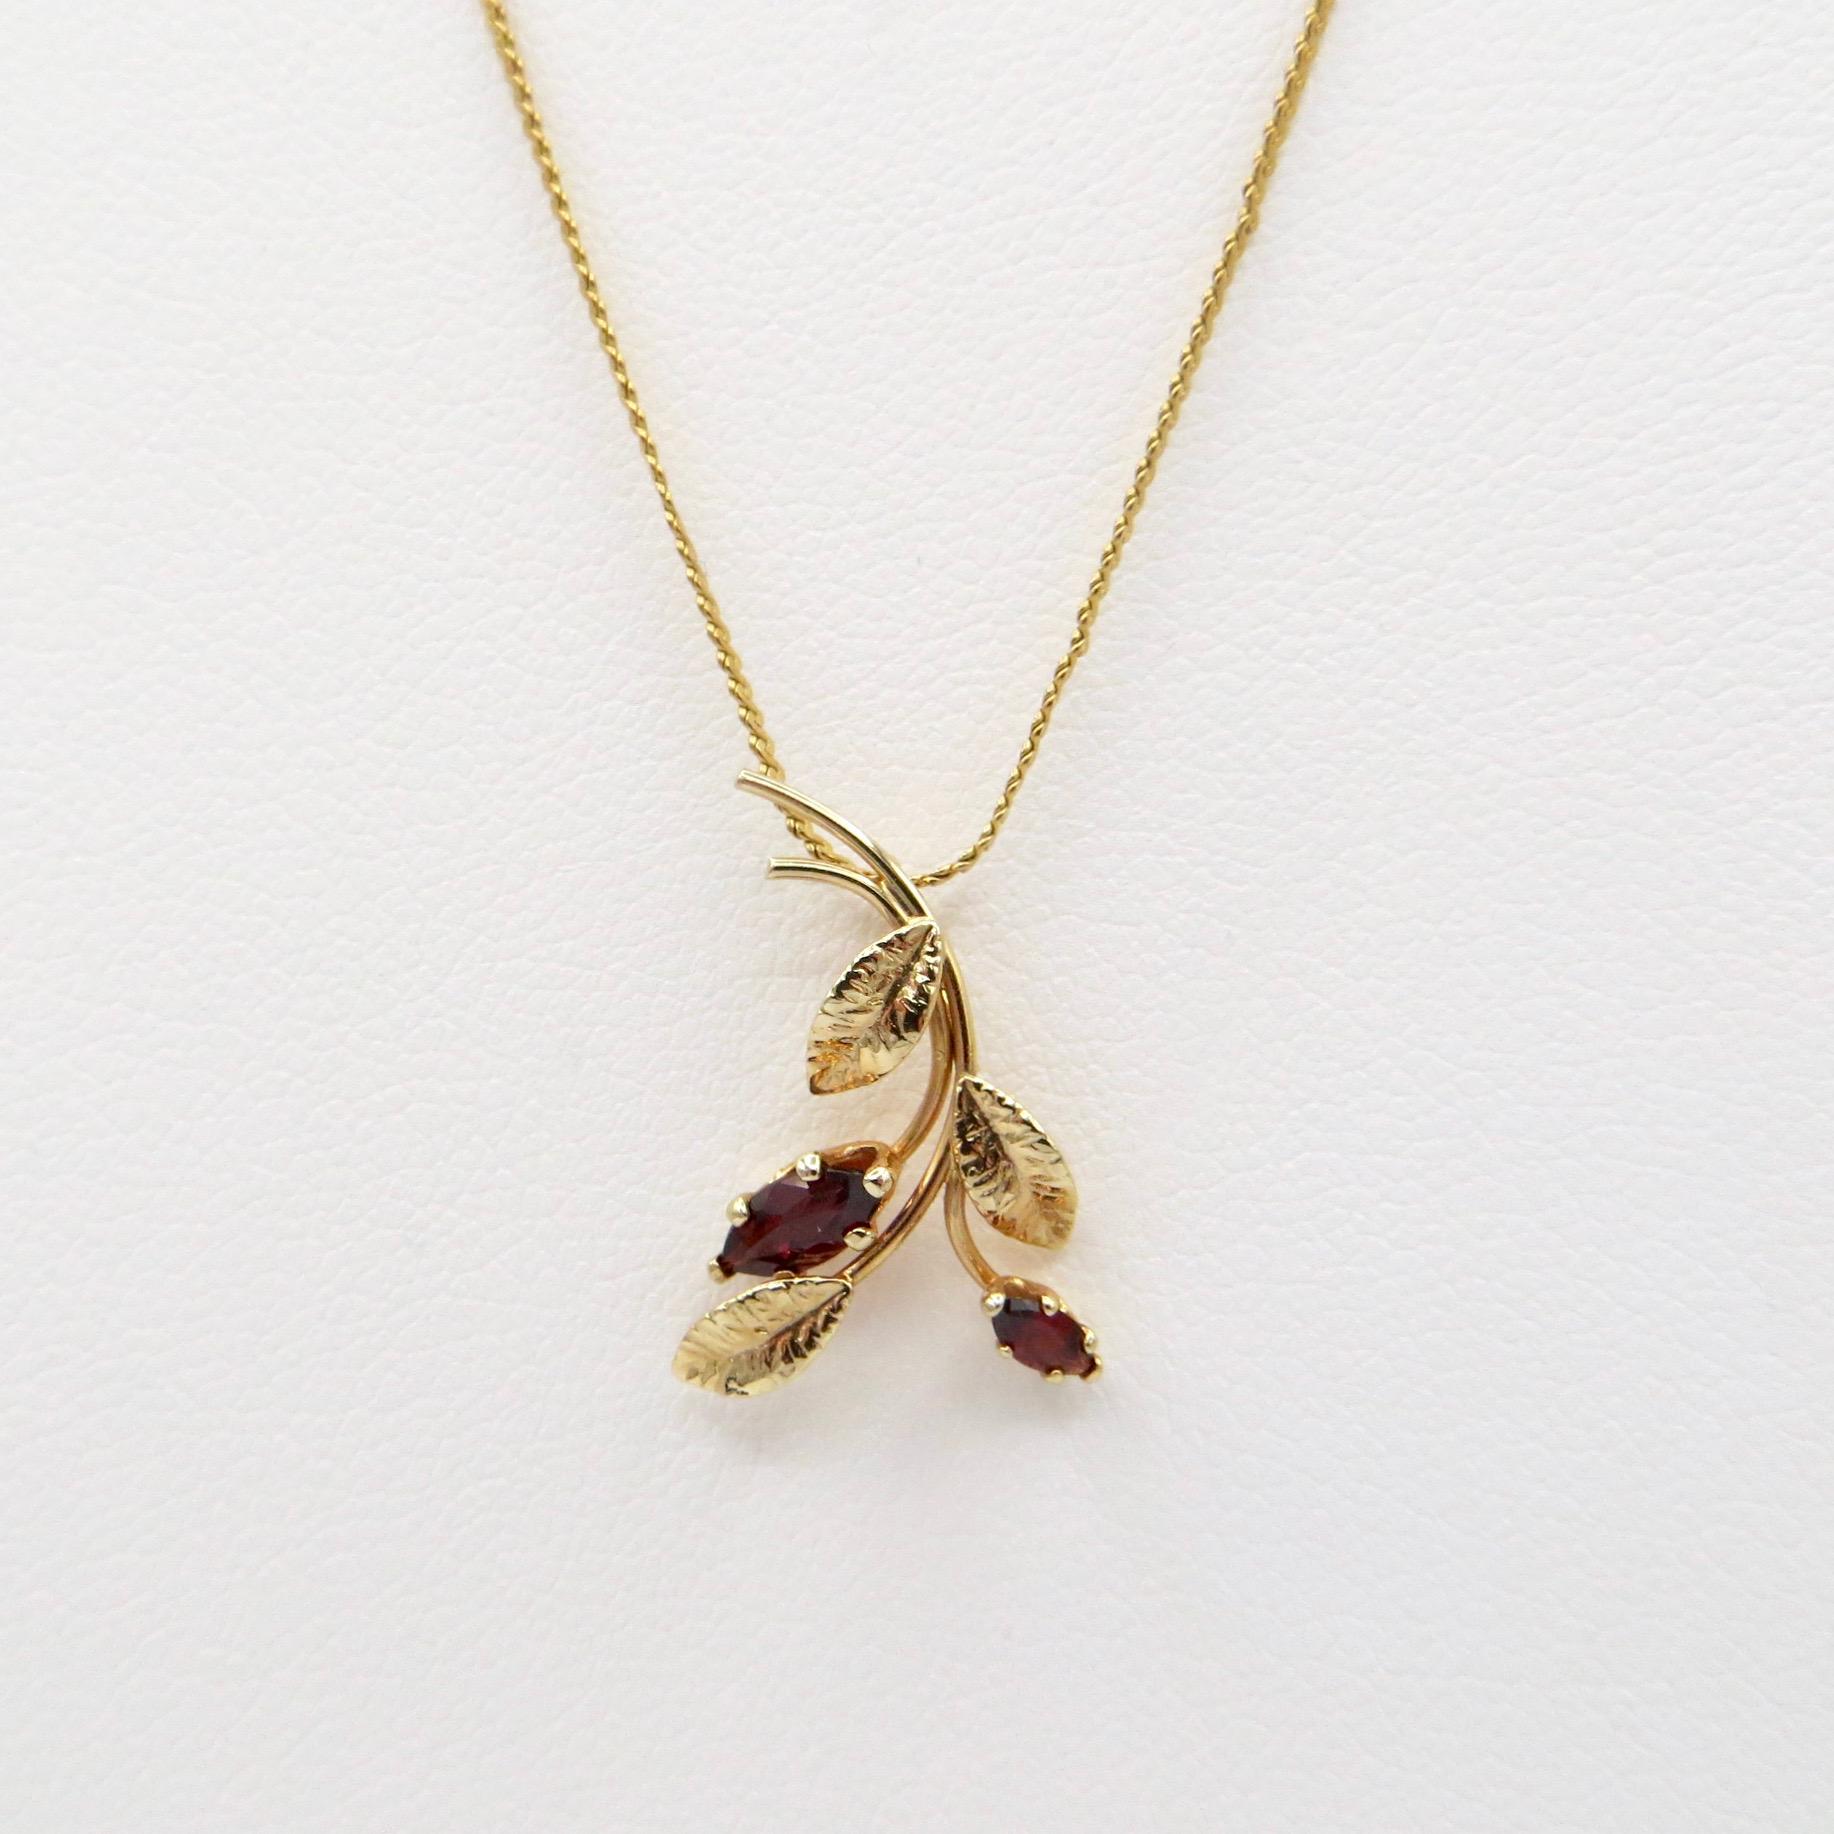 Gold-Filled Garnet Necklace